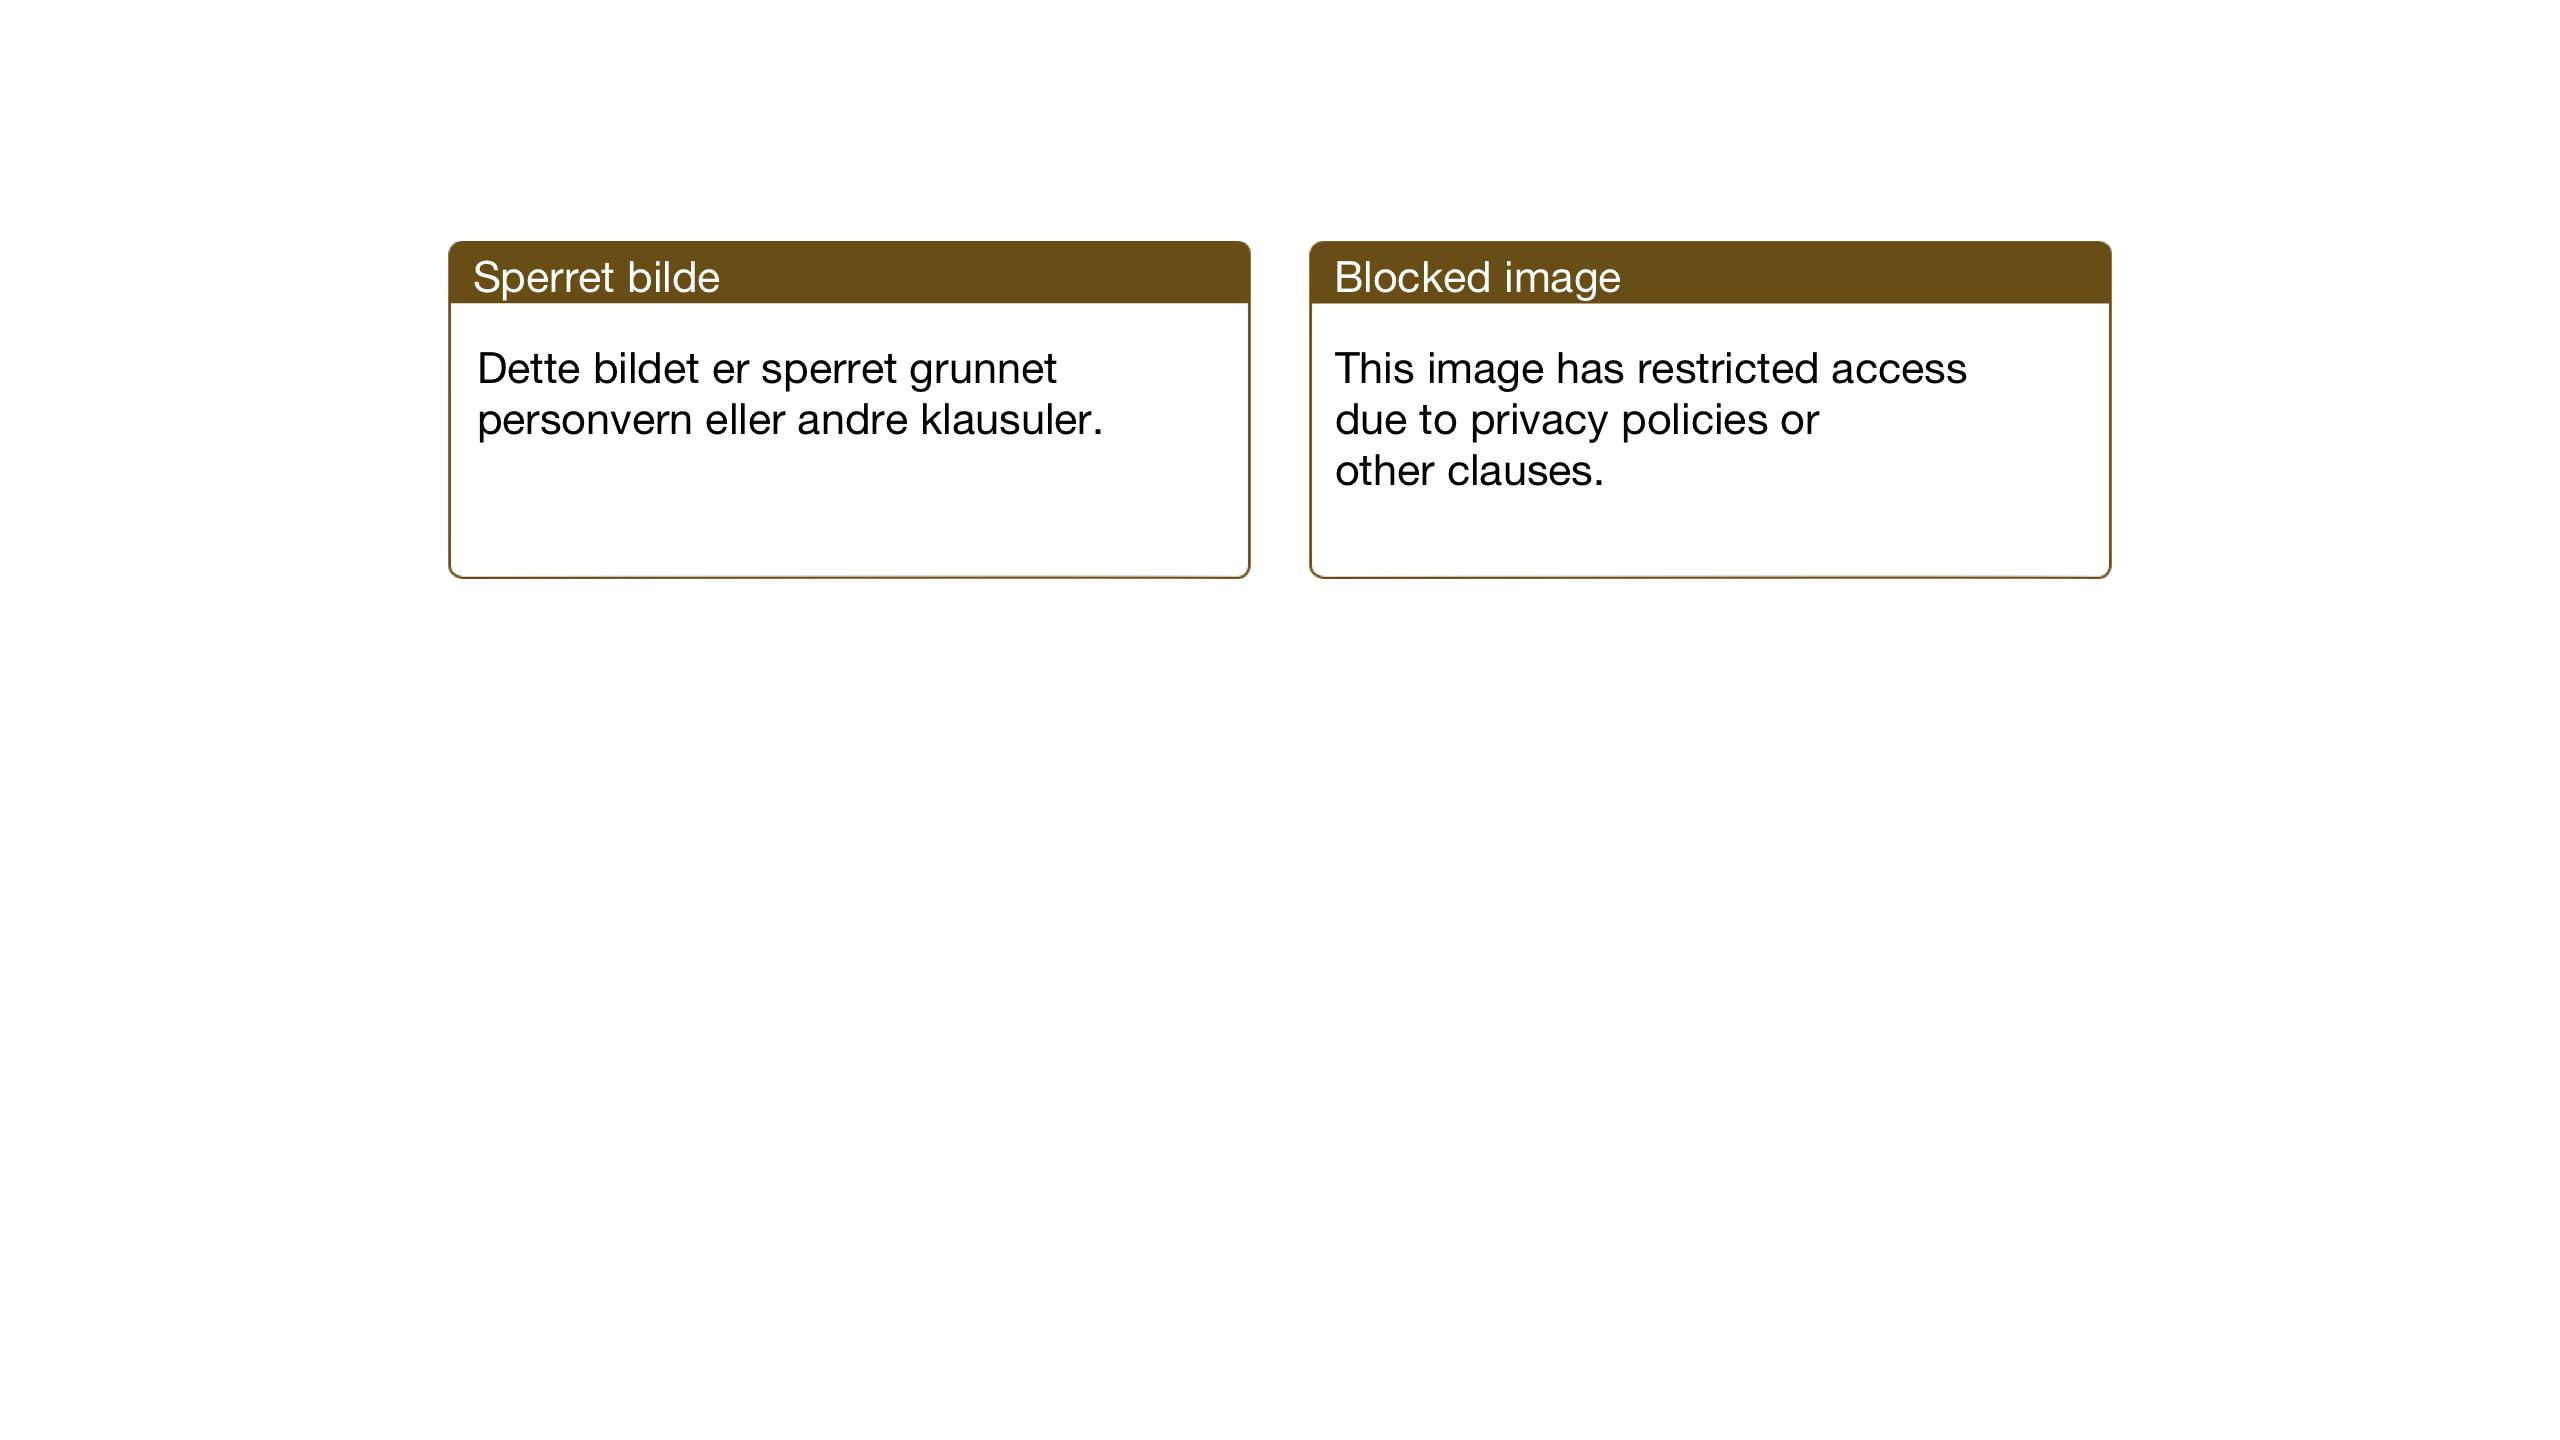 SAT, Ministerialprotokoller, klokkerbøker og fødselsregistre - Nord-Trøndelag, 749/L0481: Klokkerbok nr. 749C03, 1933-1945, s. 38